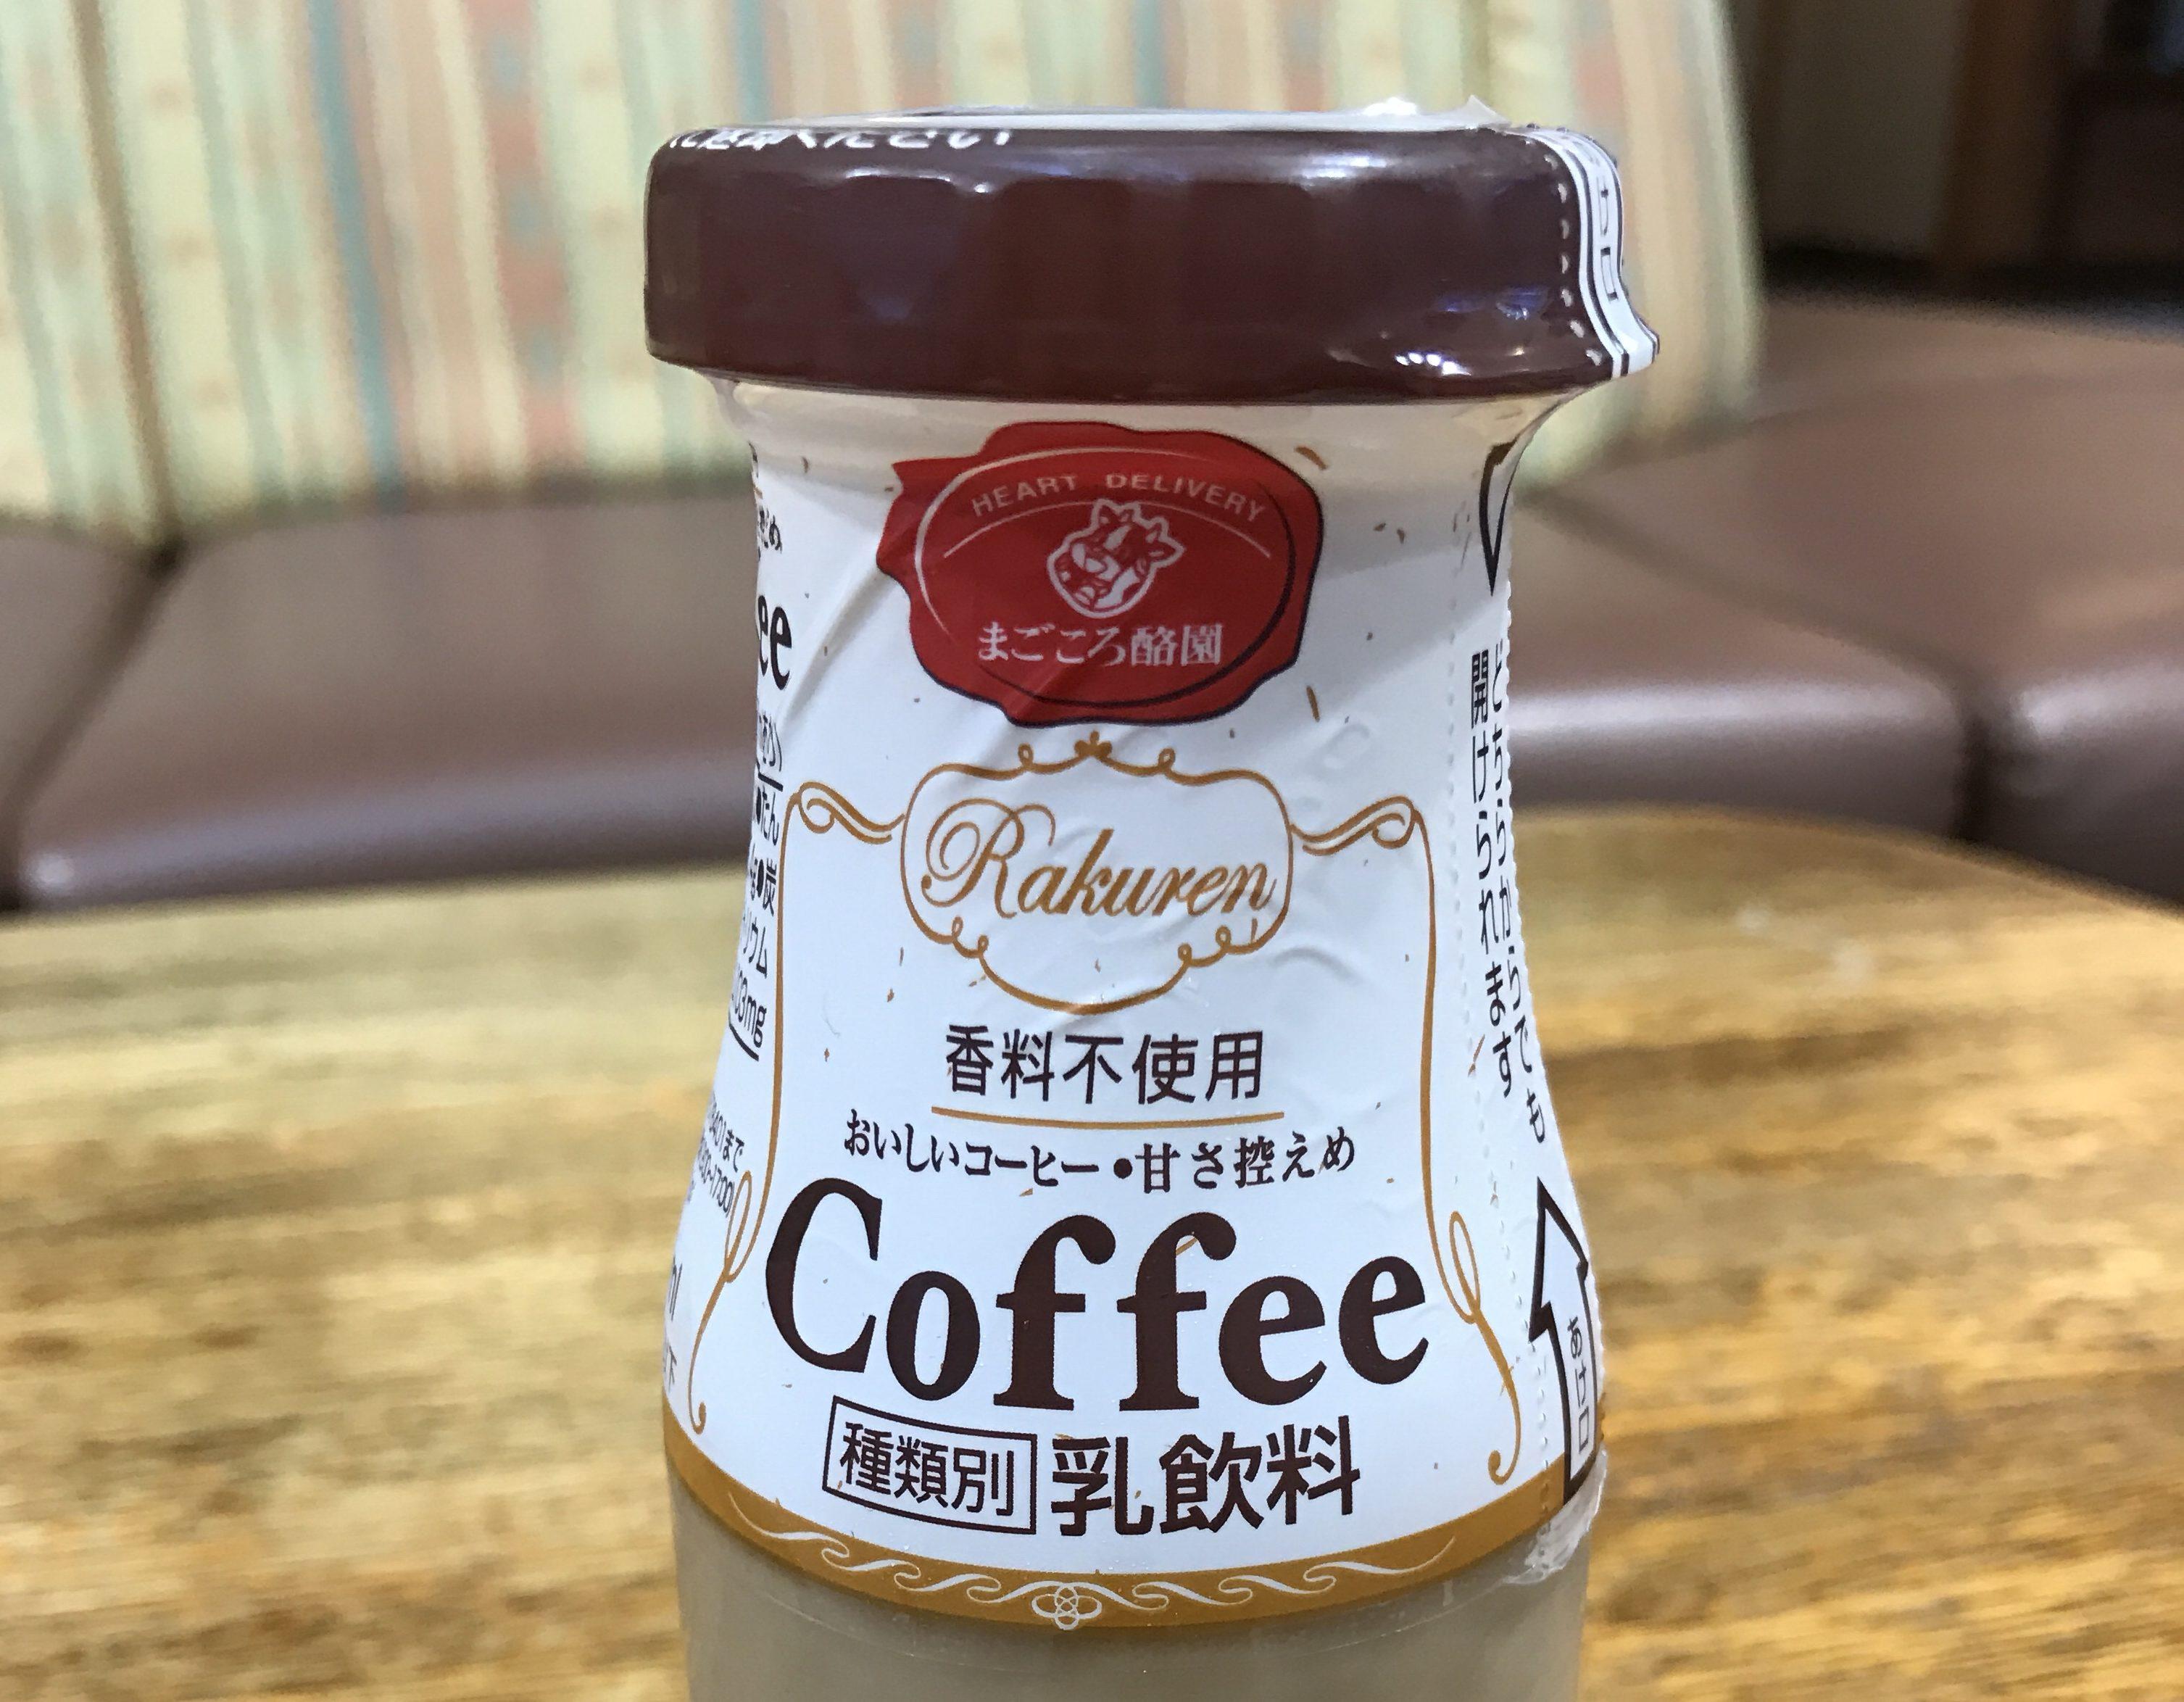 四国の牛乳と言えば、四国乳業!温泉・銭湯に大抵ある「らくれん」のコーヒー牛乳は風呂上がりに最適!